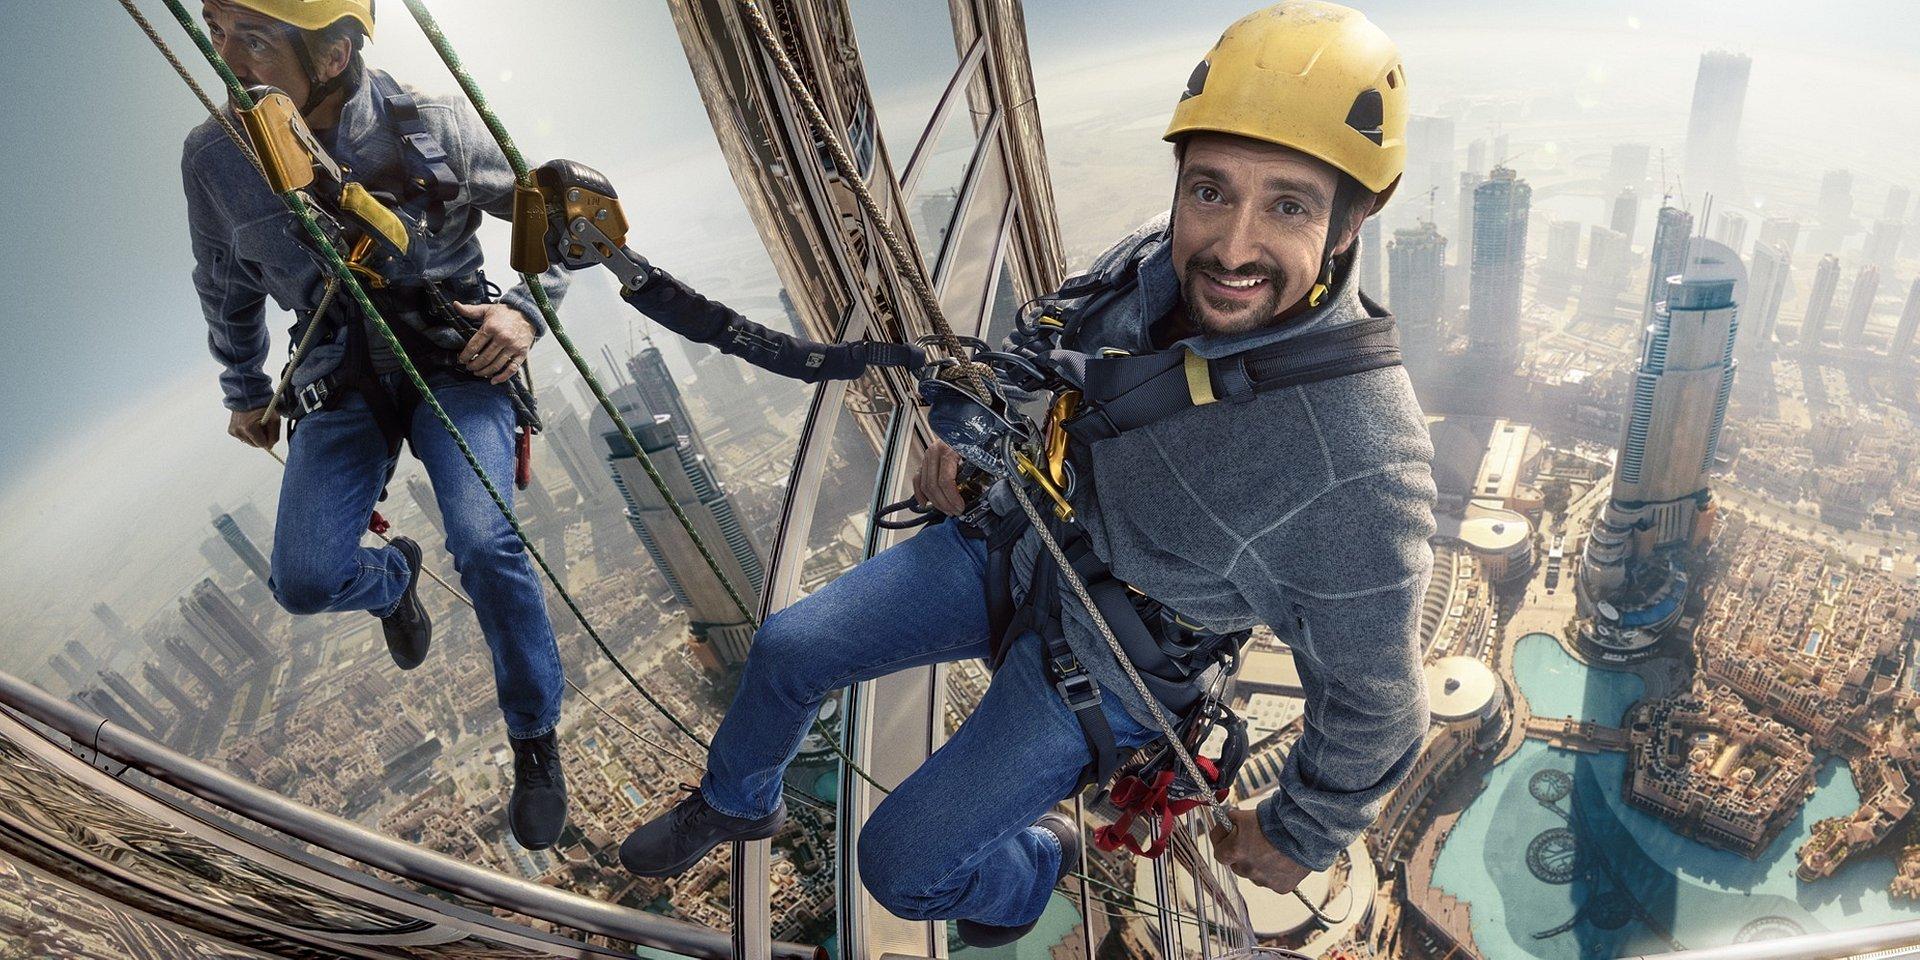 Gigantyczne konstrukcje według Hammonda- Burdż Chalifa, najwyższy budynek na świecie